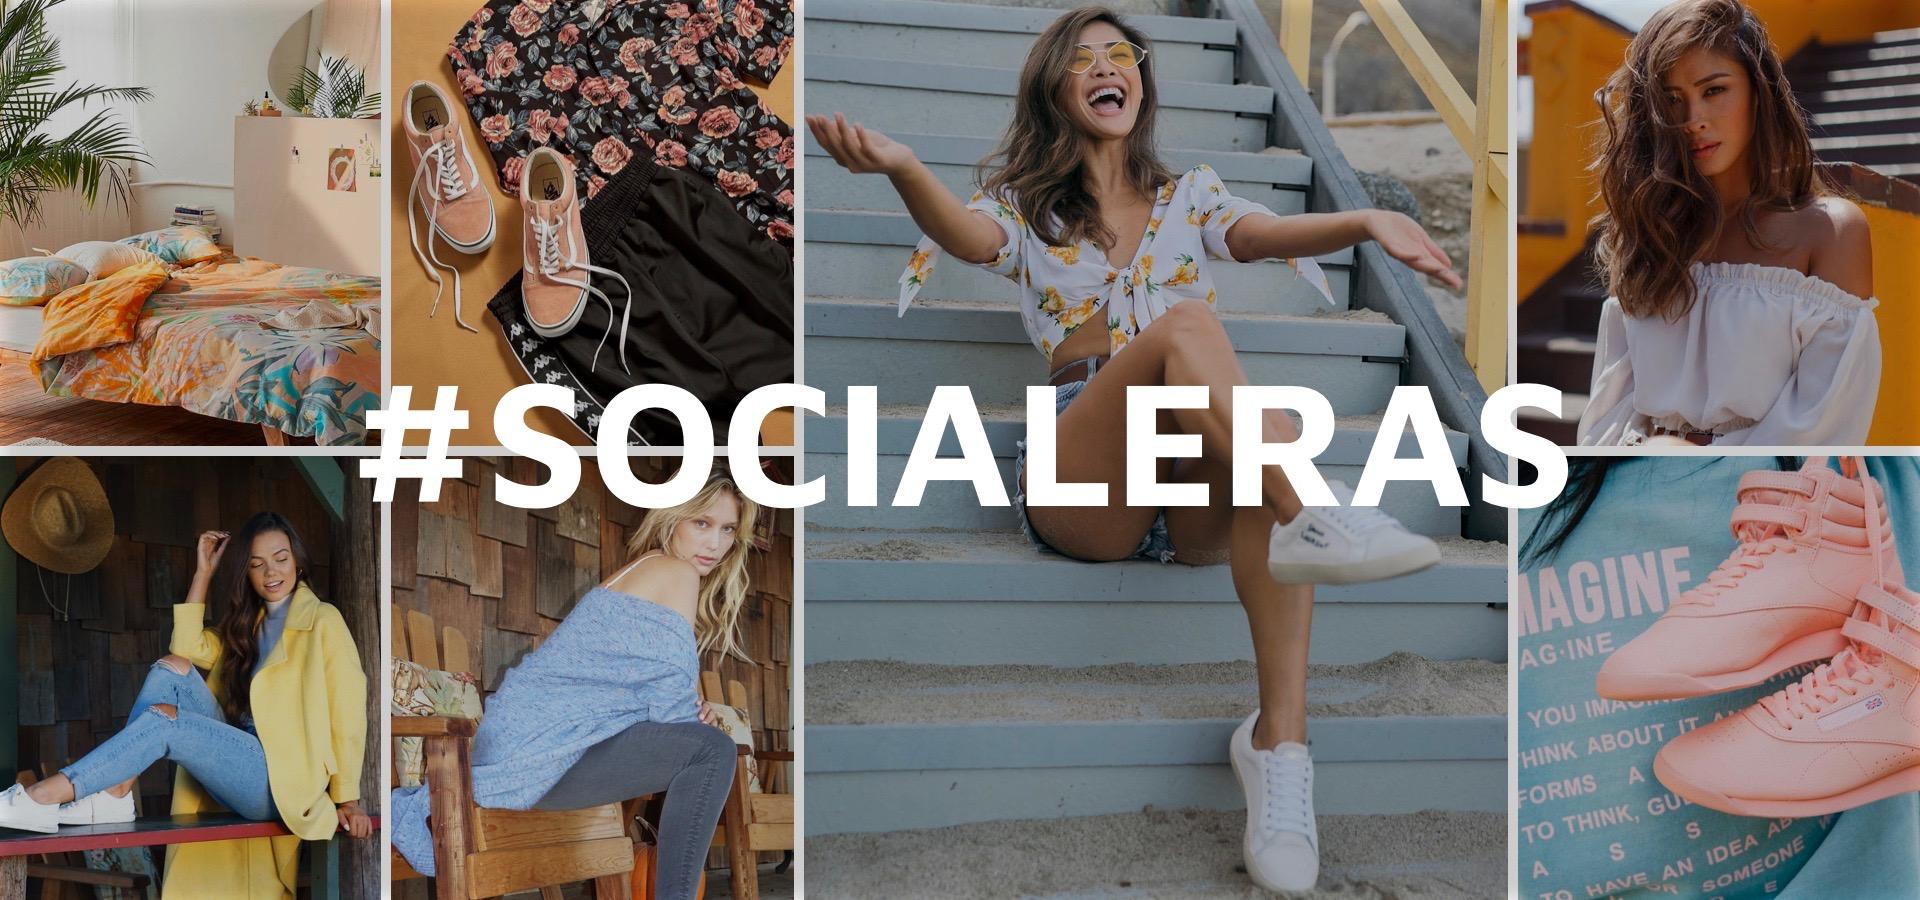 สัมผัสประสบการณ์ใหม่ ในการซื้อเสื้อผ้า เครื่องแต่งกาย จากการช้อปออนไลน์กับ Social Eras